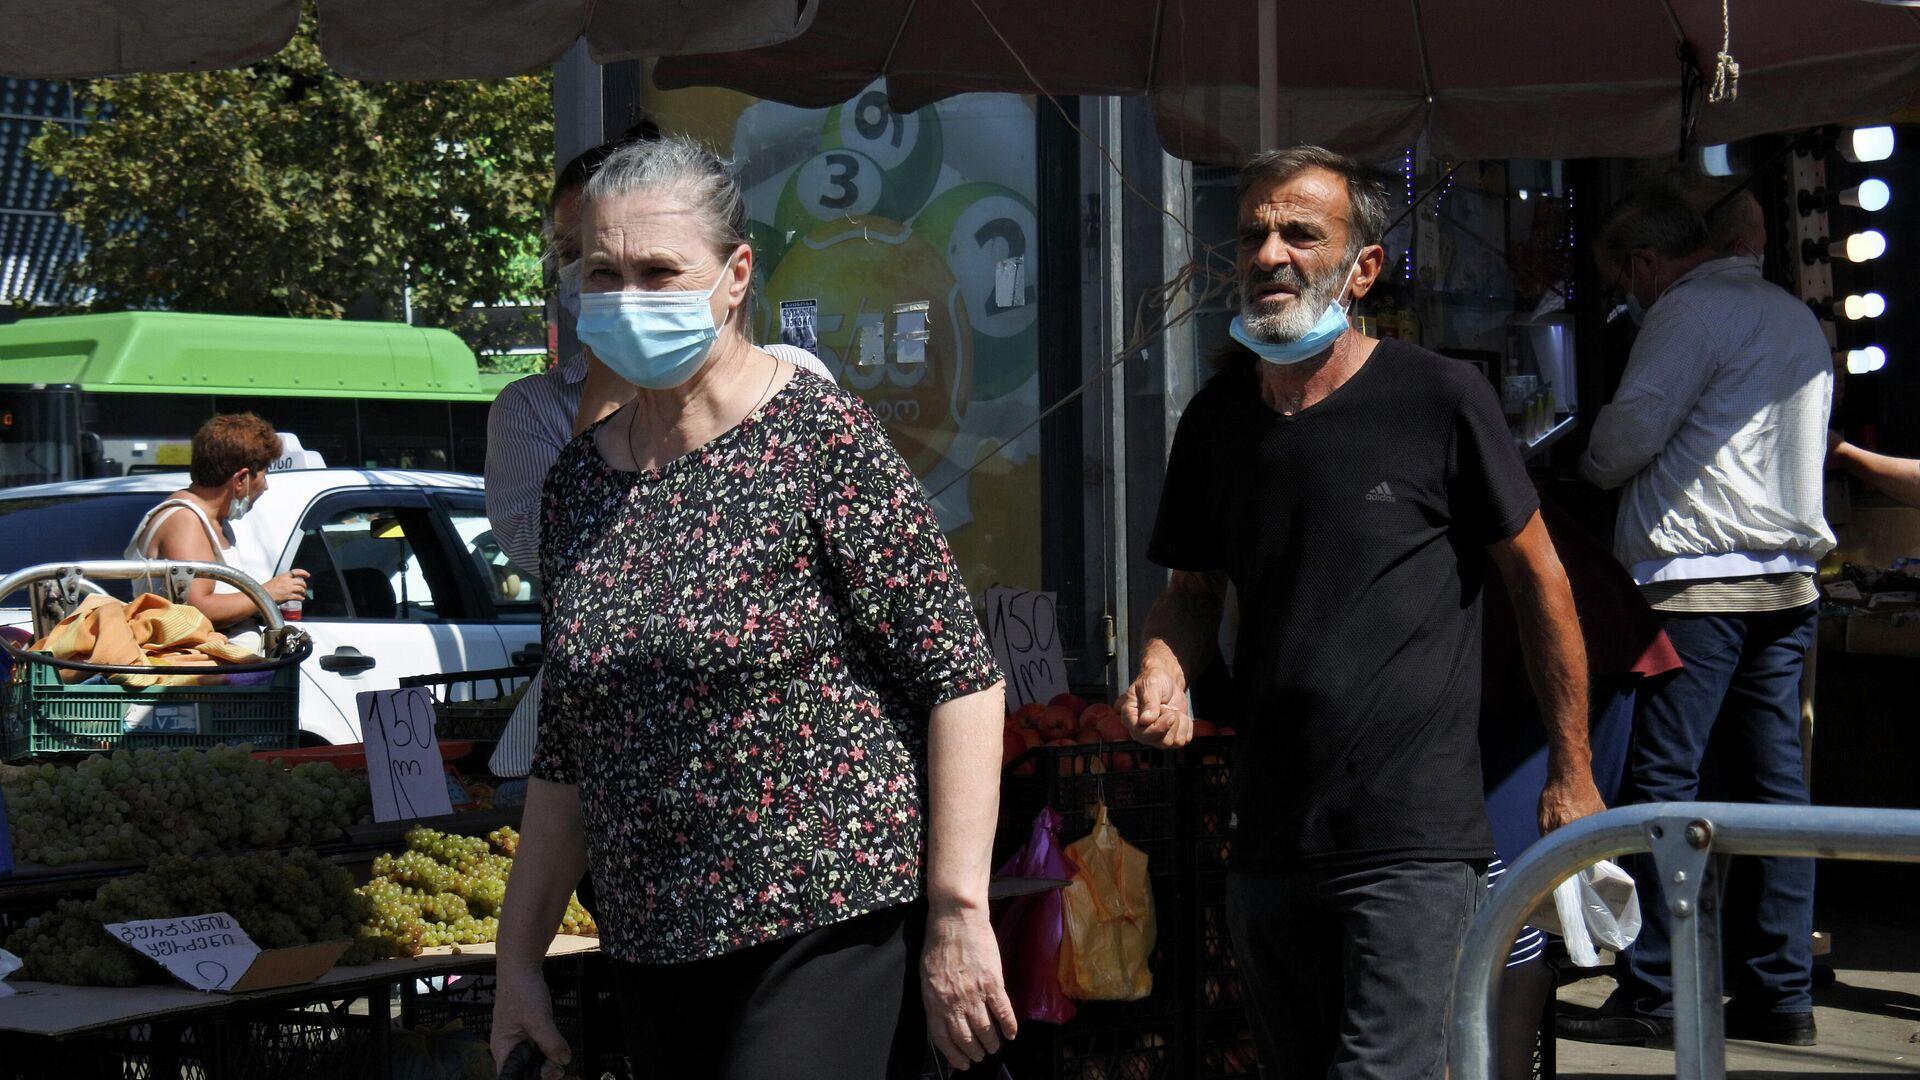 Эпидемия коронавируса - прохожие на улице в масках - Sputnik Грузия, 1920, 18.09.2021